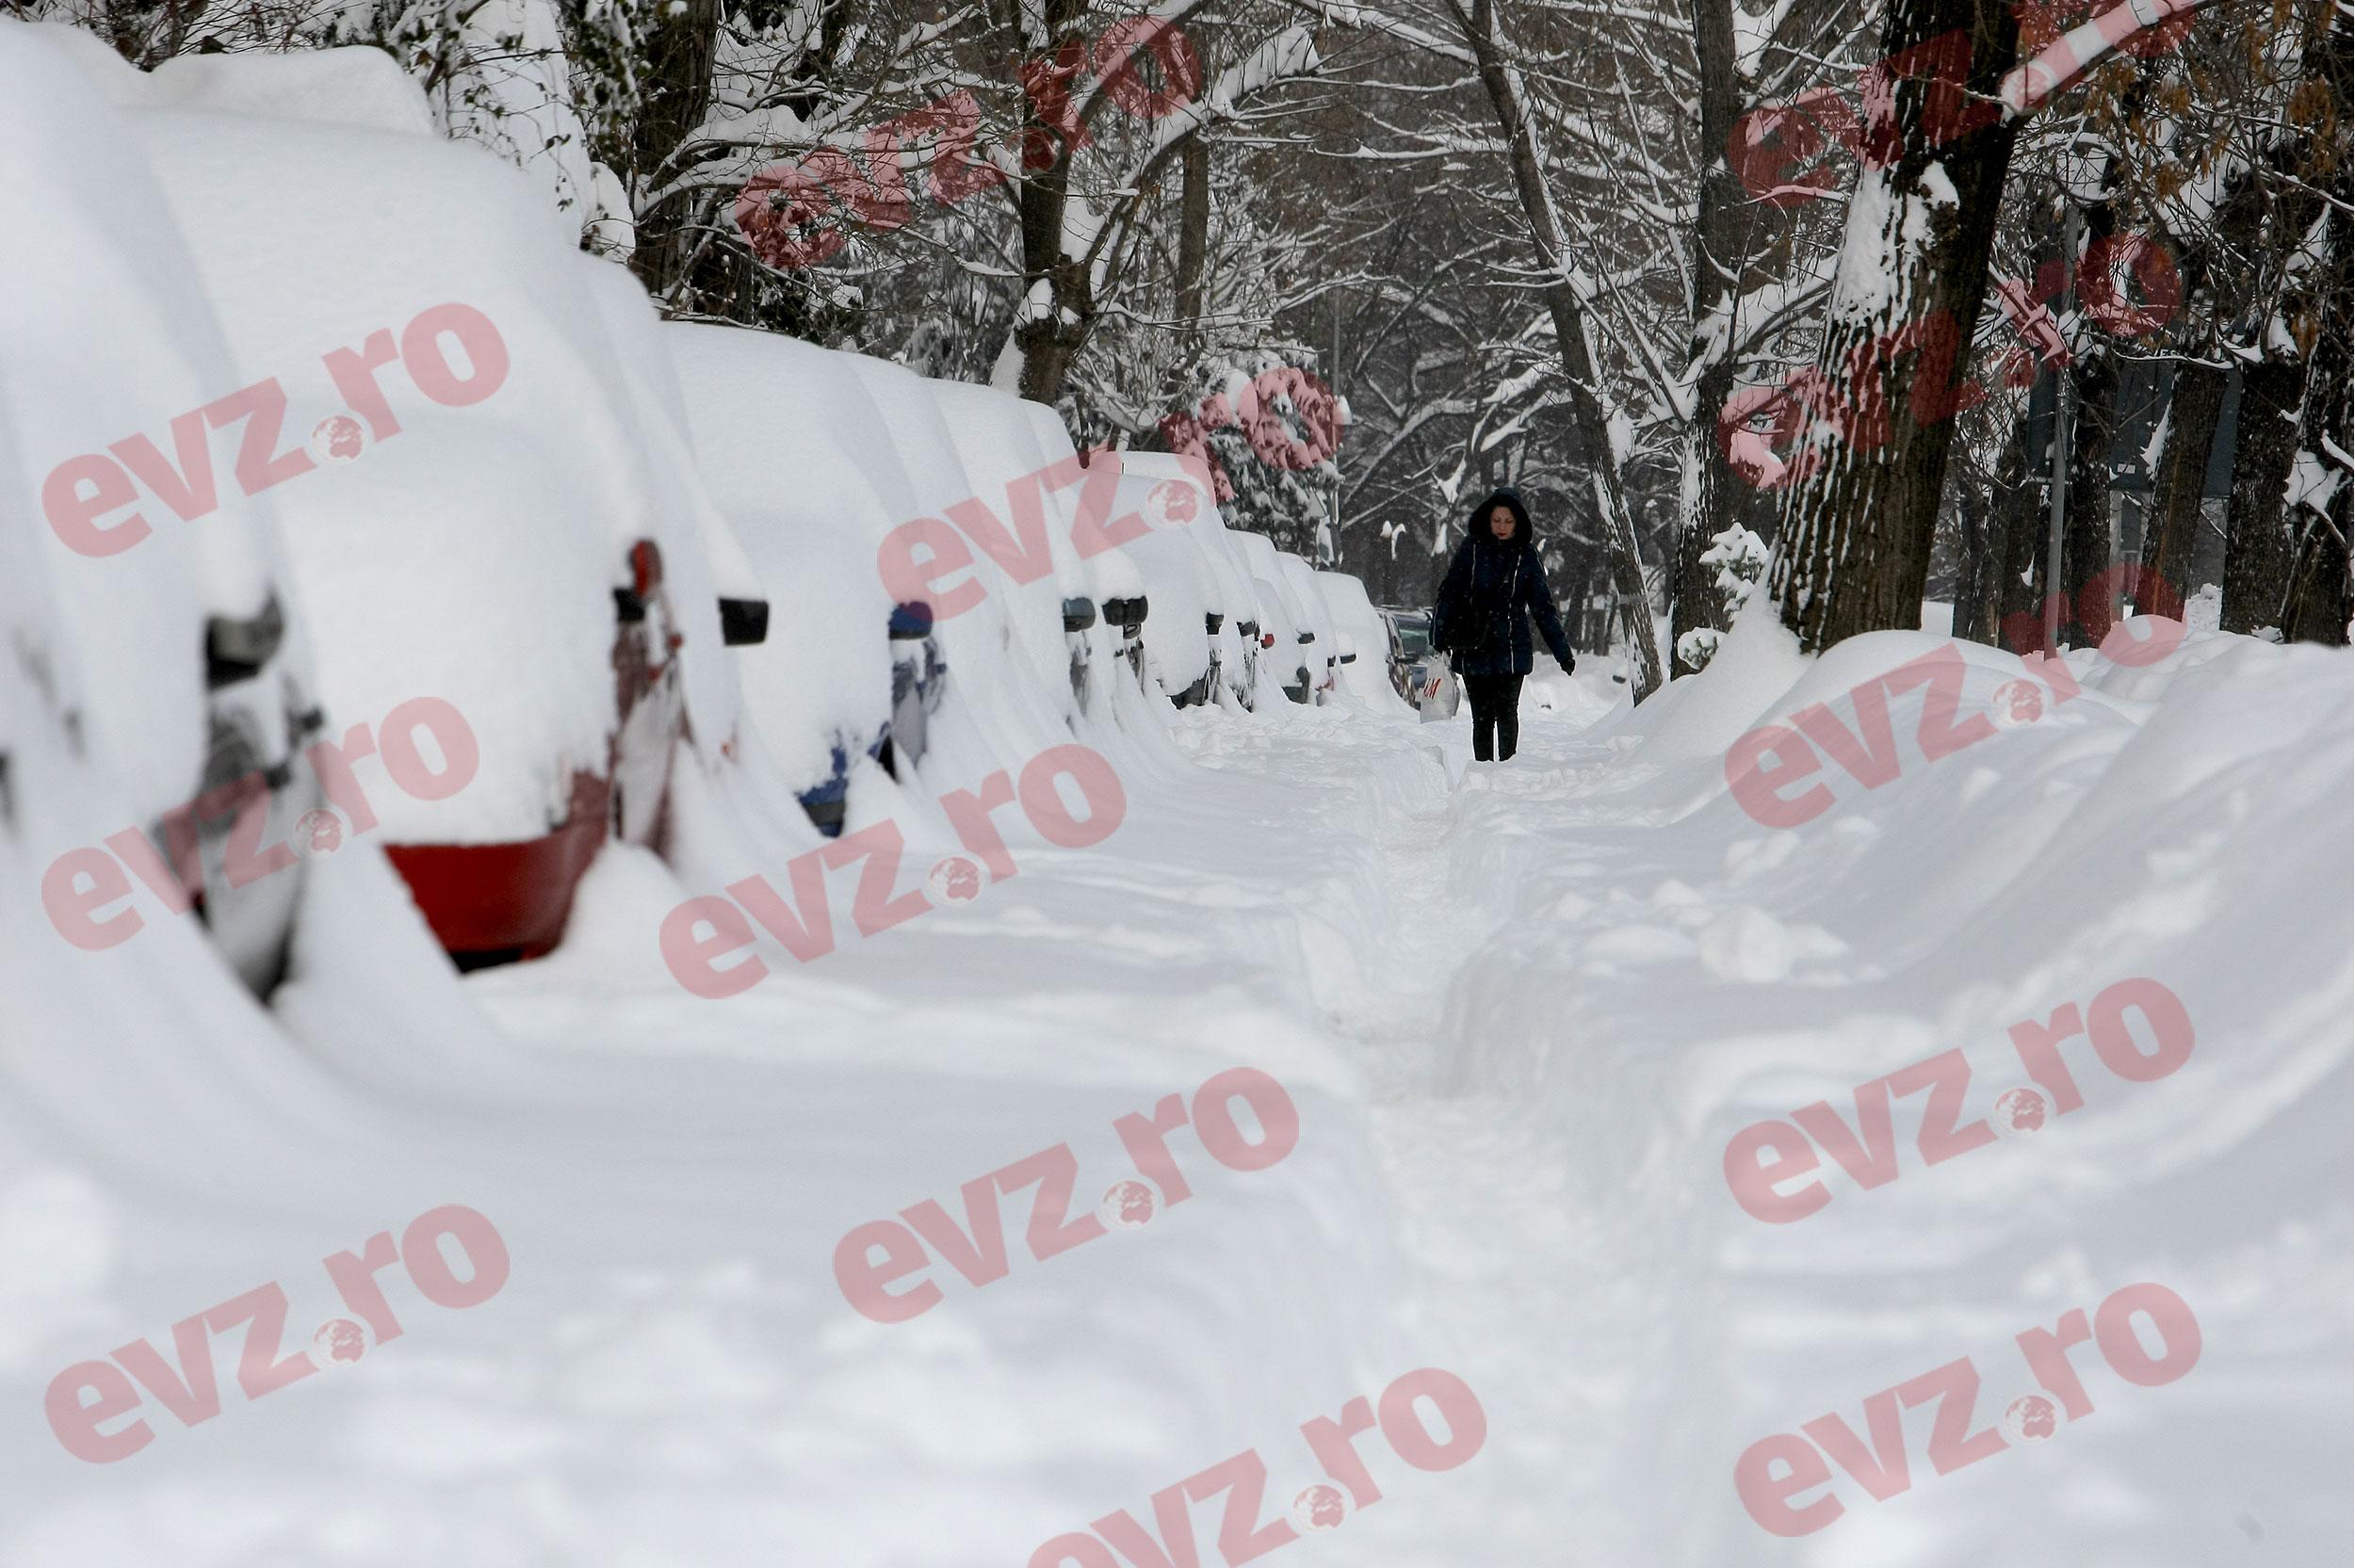 Știre-bombă de la Meteo! Când vine zăpada anul acesta?